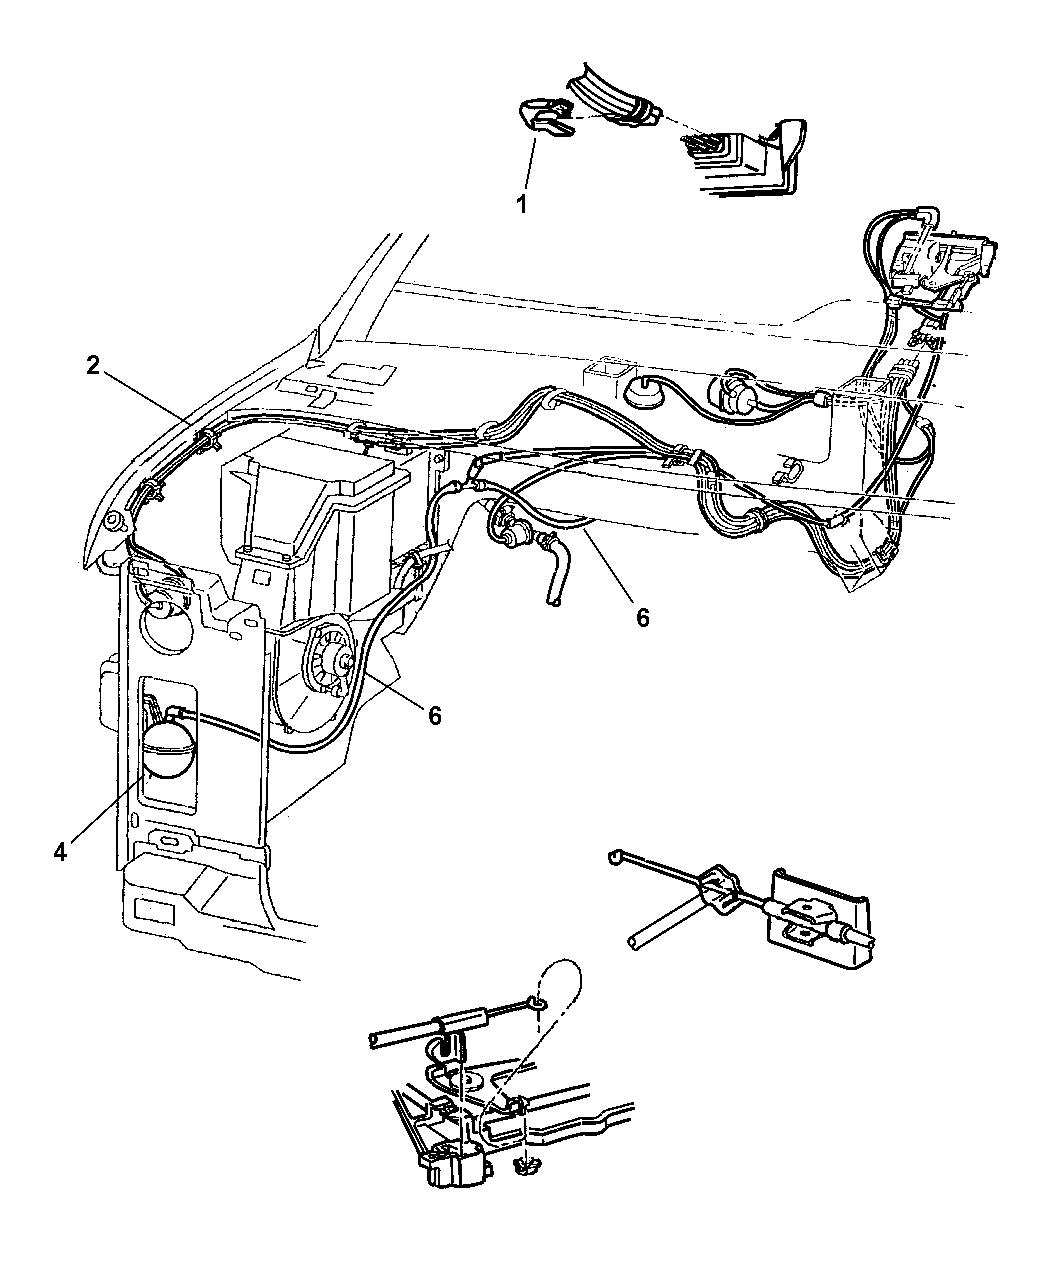 1999 dodge ram van vacuum lines